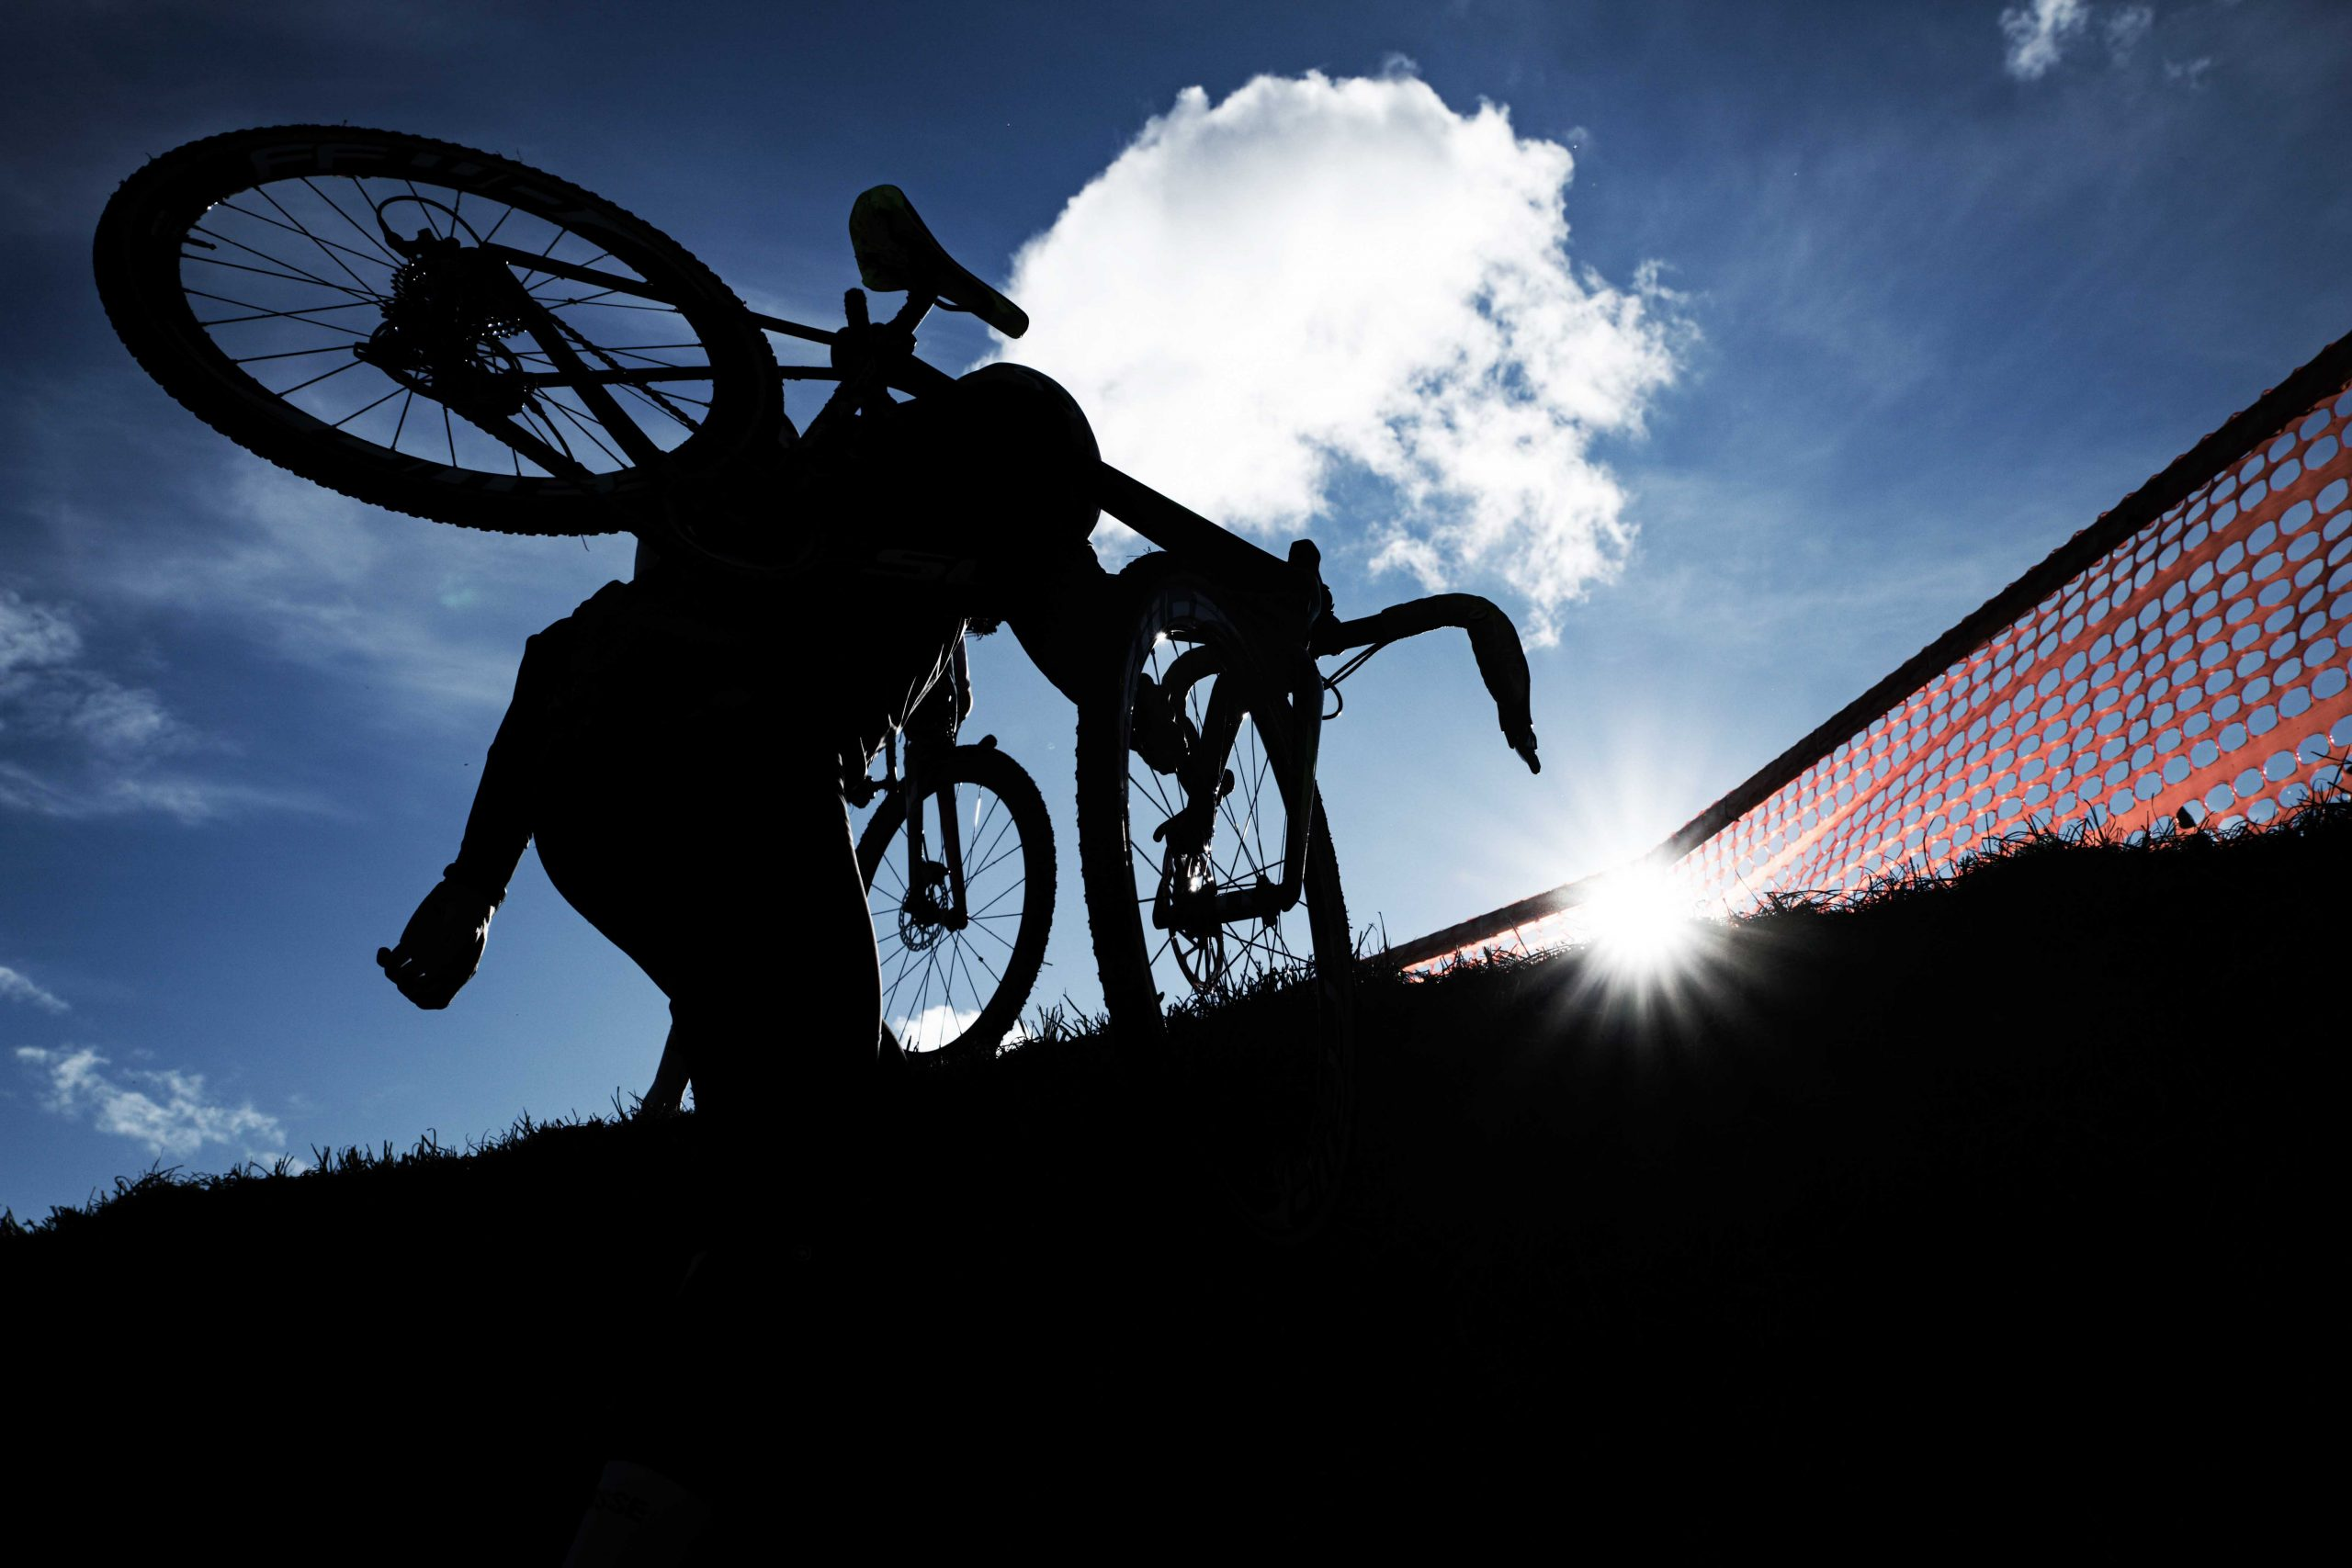 WK Dubendorf Cyclocross Gudok Photography